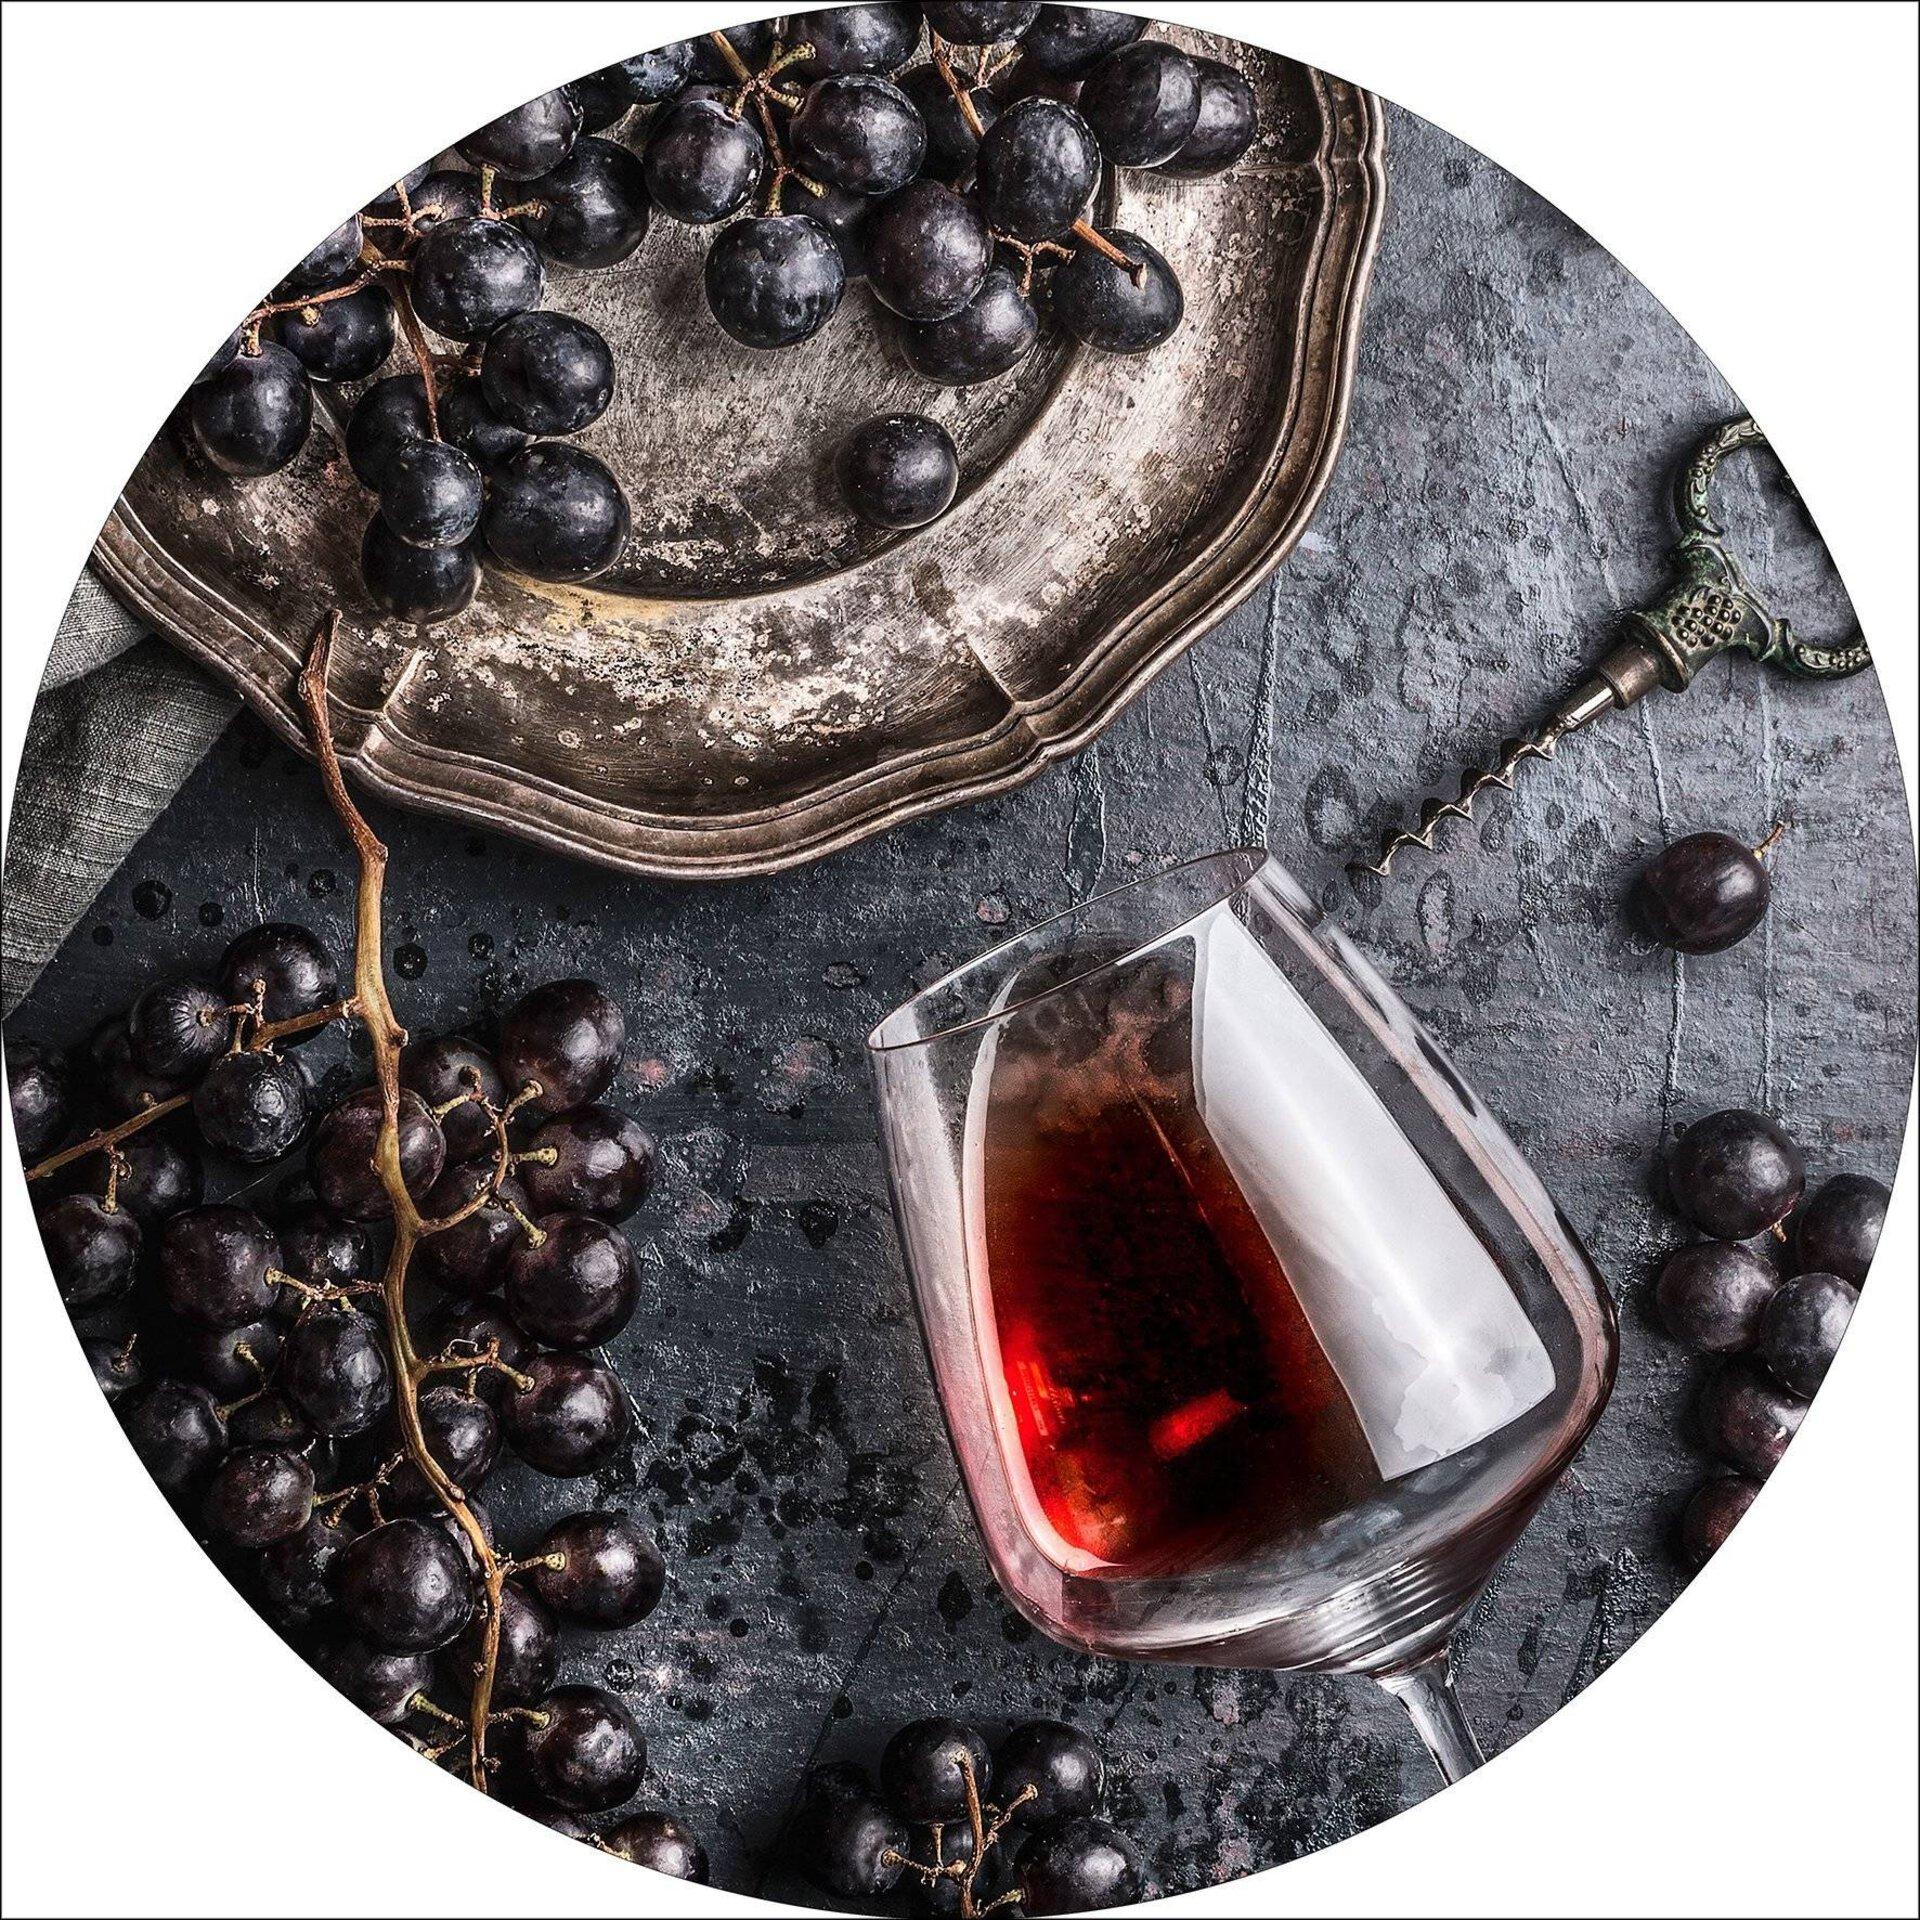 Bild Wein und Trauben Pro-Art Glas mehrfarbig 50 x 50 x 1 cm